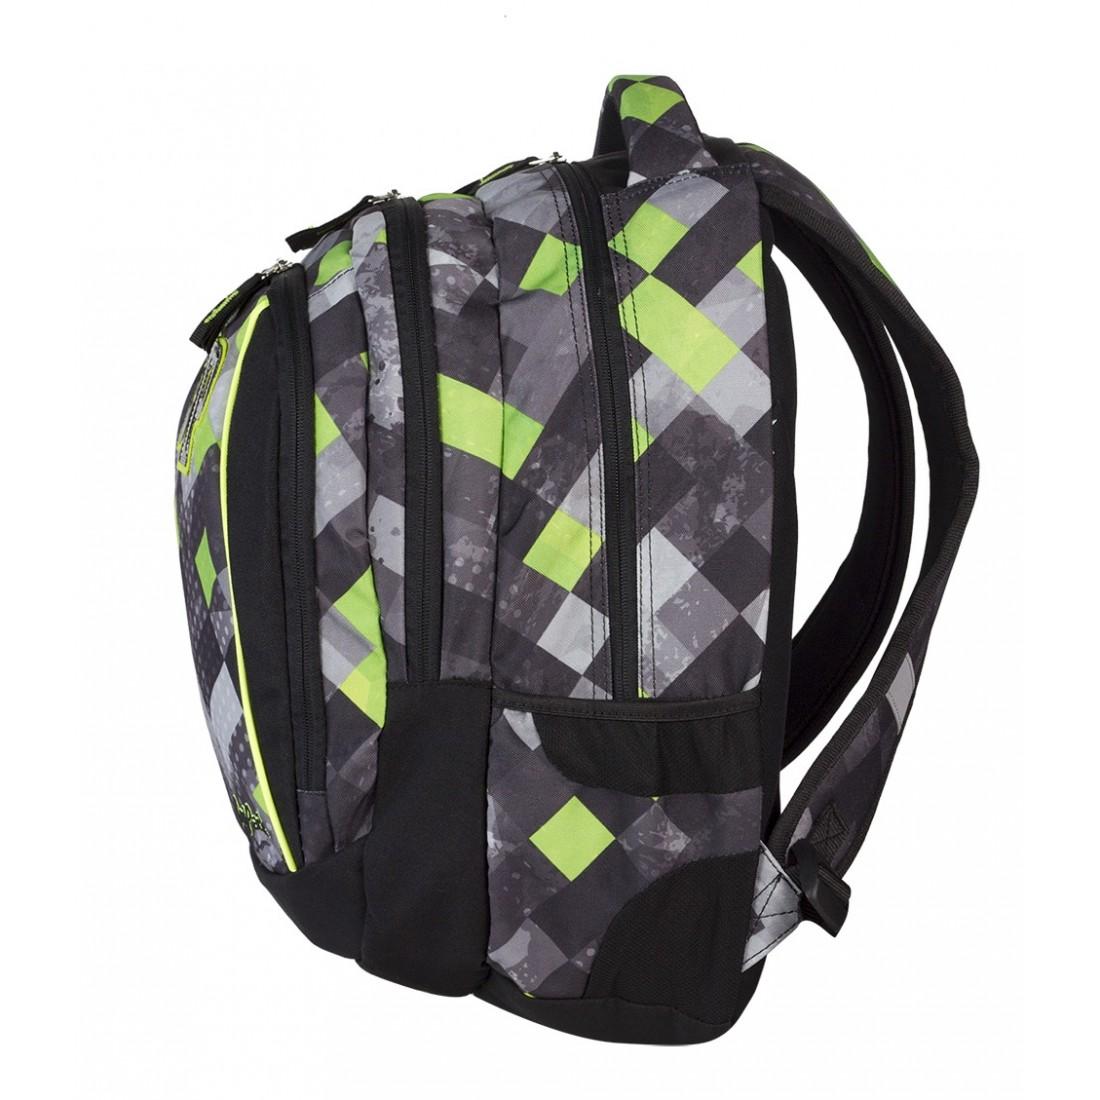 Plecak młodzieżowy CoolPack CP szary w kratkę - 3 przegrody STUDENT GRUNGE GREY 456 - plecak-tornister.pl